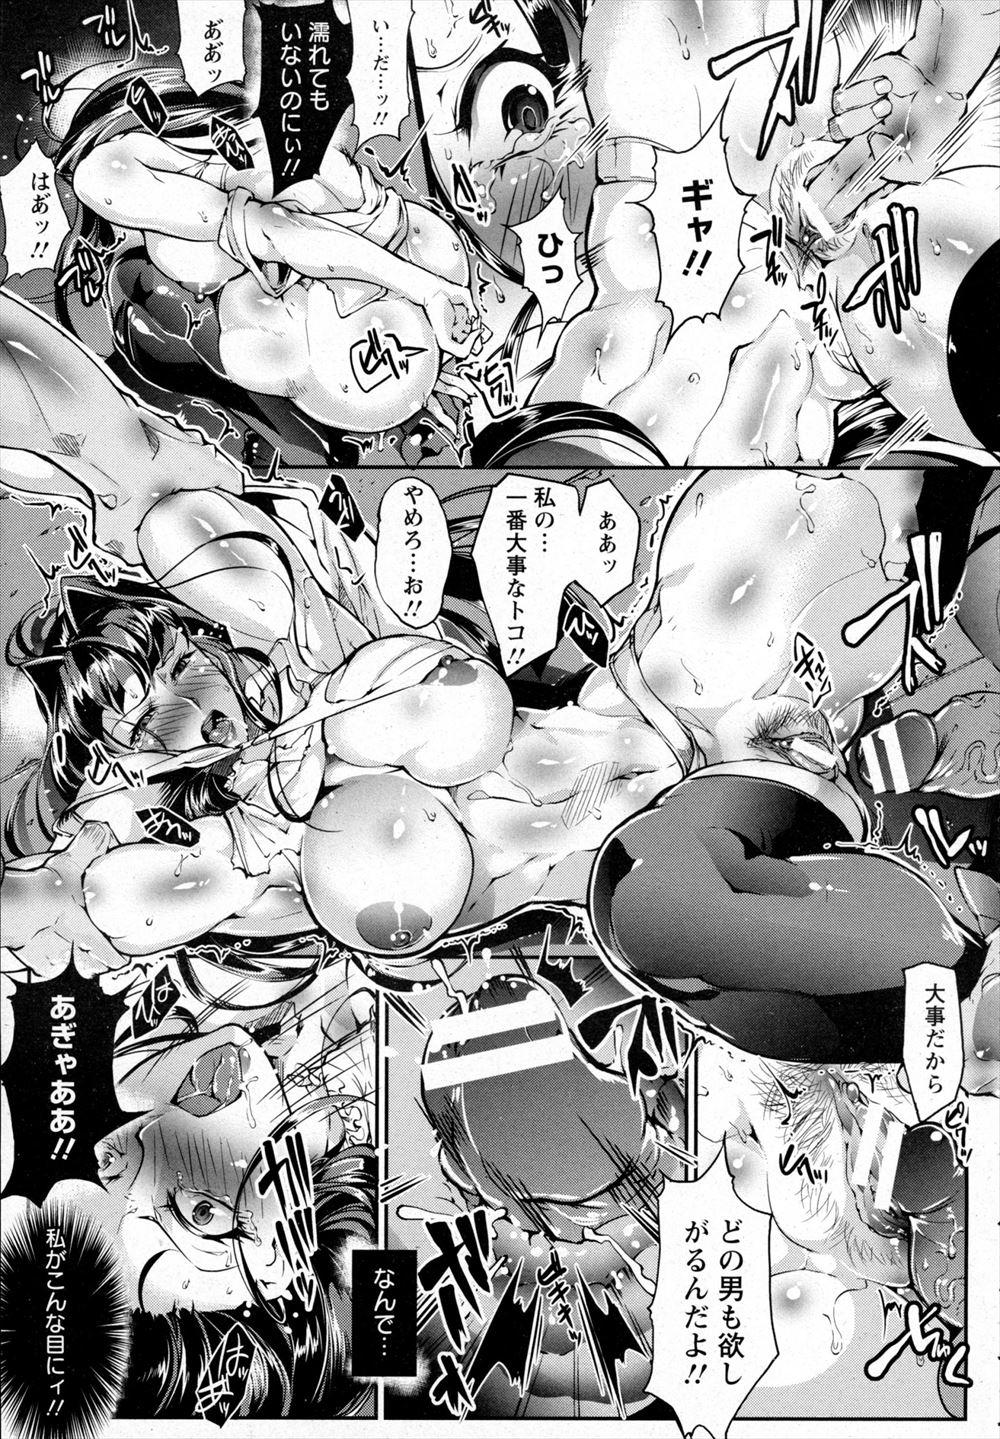 【アダルト漫画】町の不良少年達に一目置かれるタバコ屋のお姉さんが殴られ輪姦レイプされる!